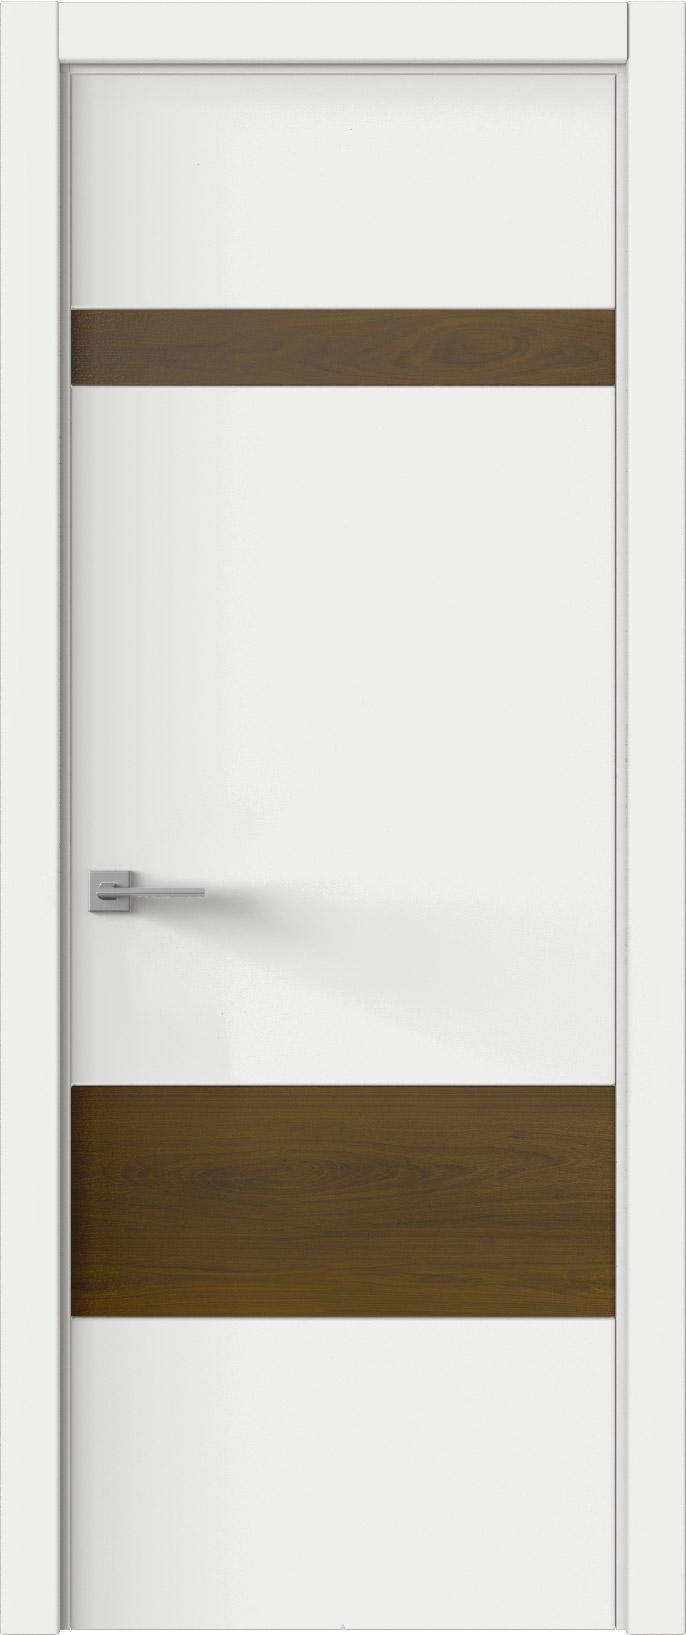 Tivoli К-4 цвет - Белая эмаль (RAL 9003) Без стекла (ДГ)